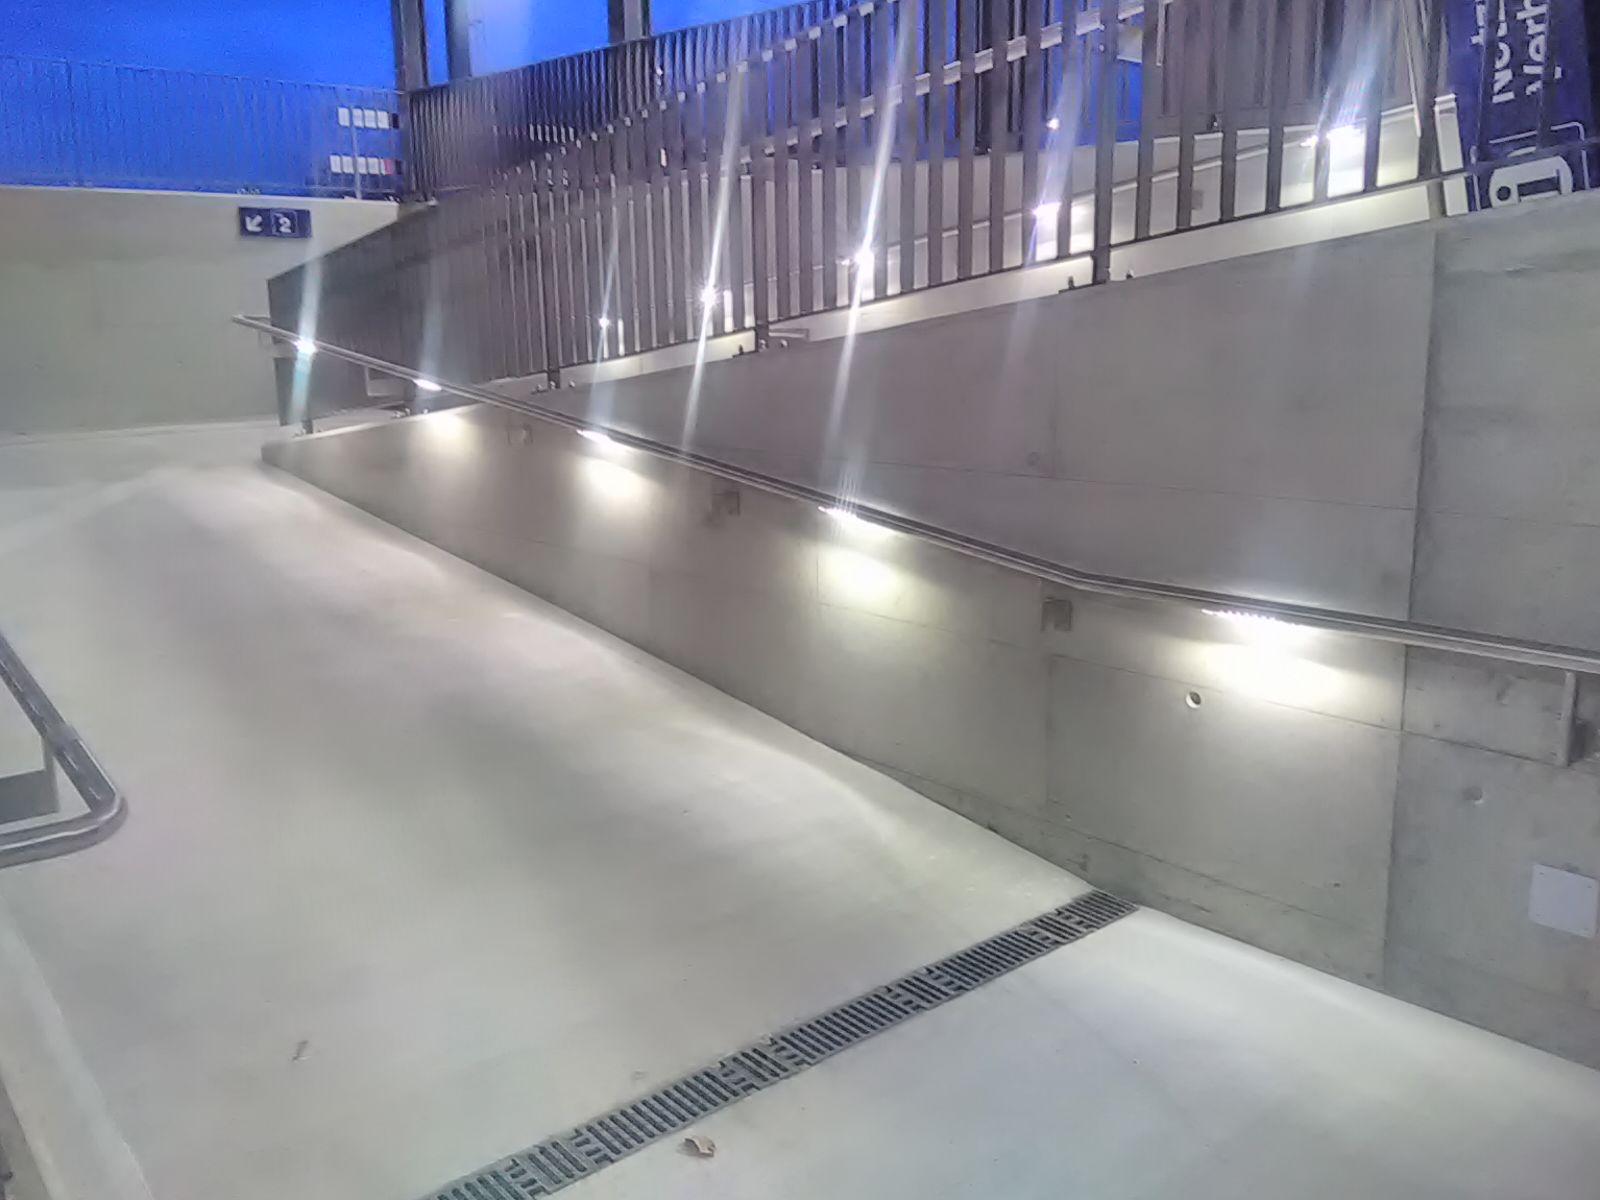 Die SBB setzt zunehmend auf Handläufe mit Licht - hier im Bahnhof Stammheim/ZH